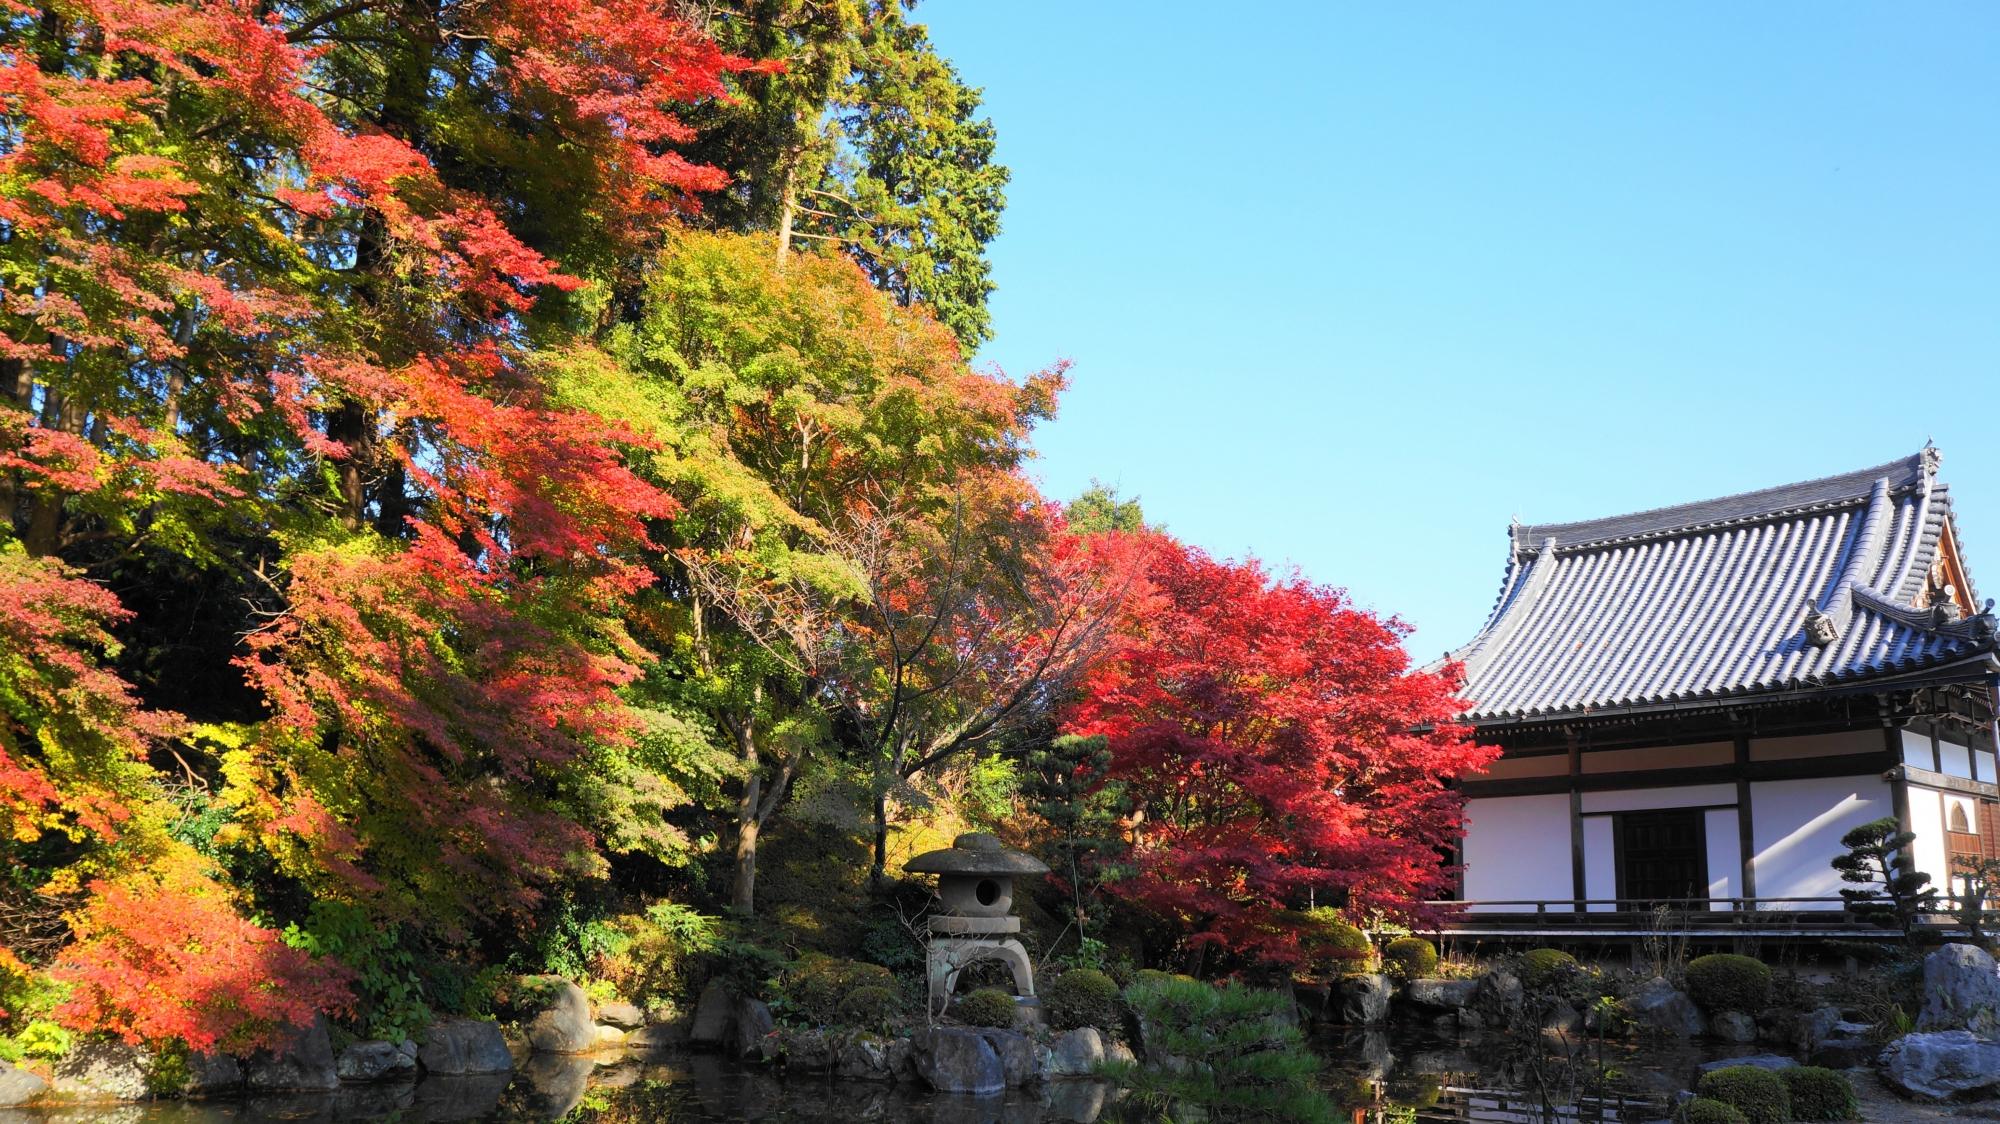 善峯寺の薬師堂と蓮華寿院庭の紅葉